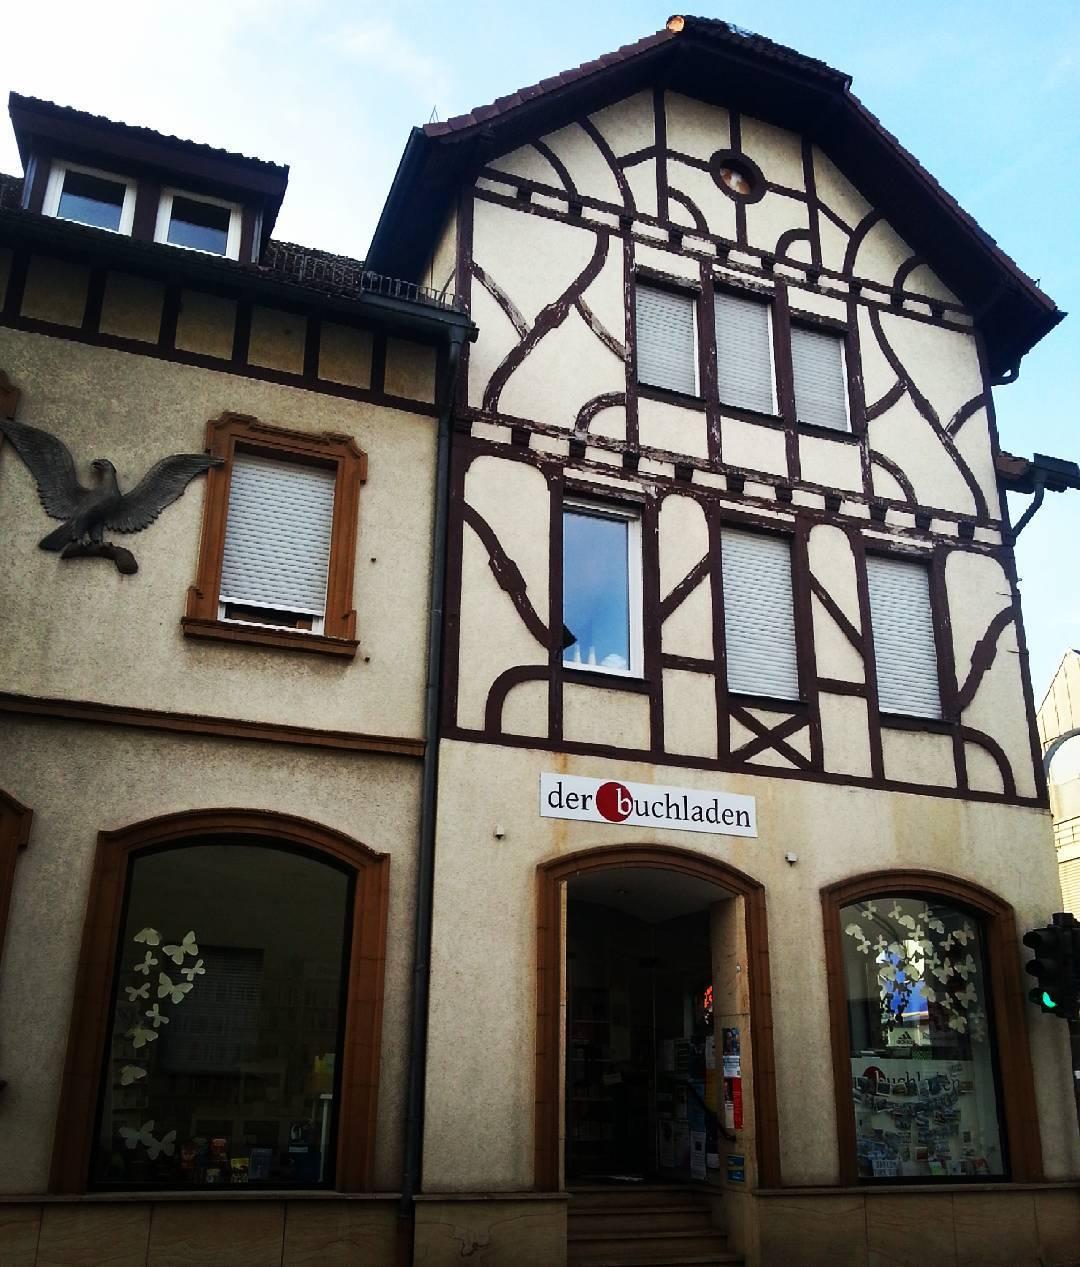 In Seligenstadt liegen Altstadt und Alltag so nah zusammen… @der_buchladen ist nur eins von vielen Geschäften, die sich in einem Haus mit Fachwerk befinden